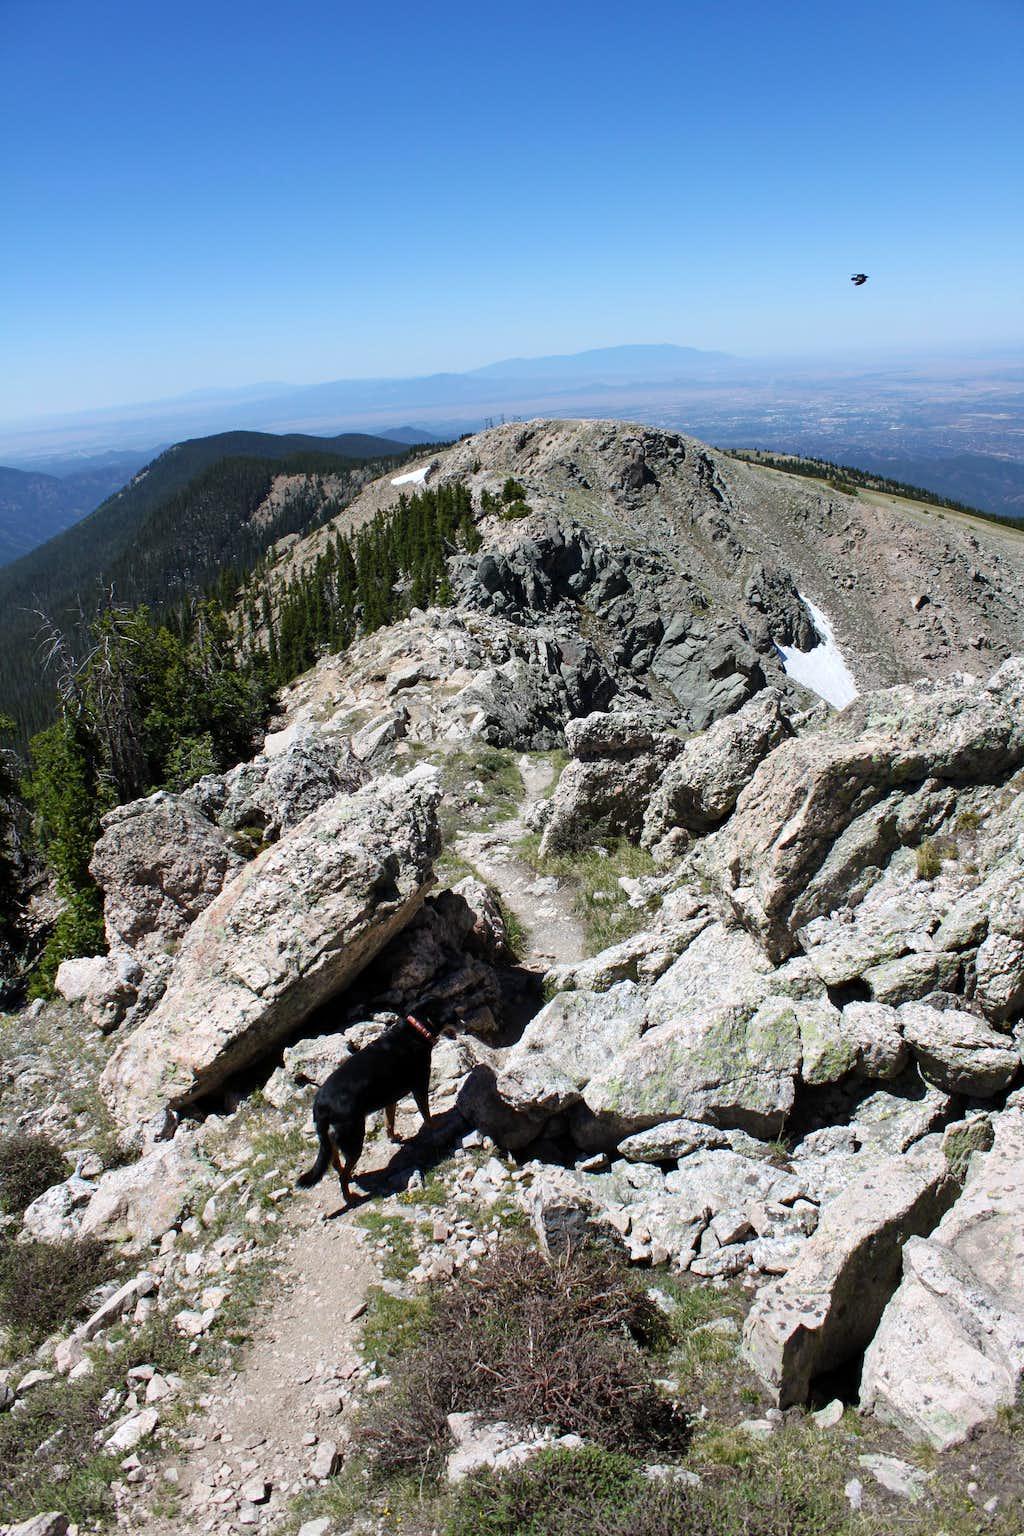 Ridge near the top of